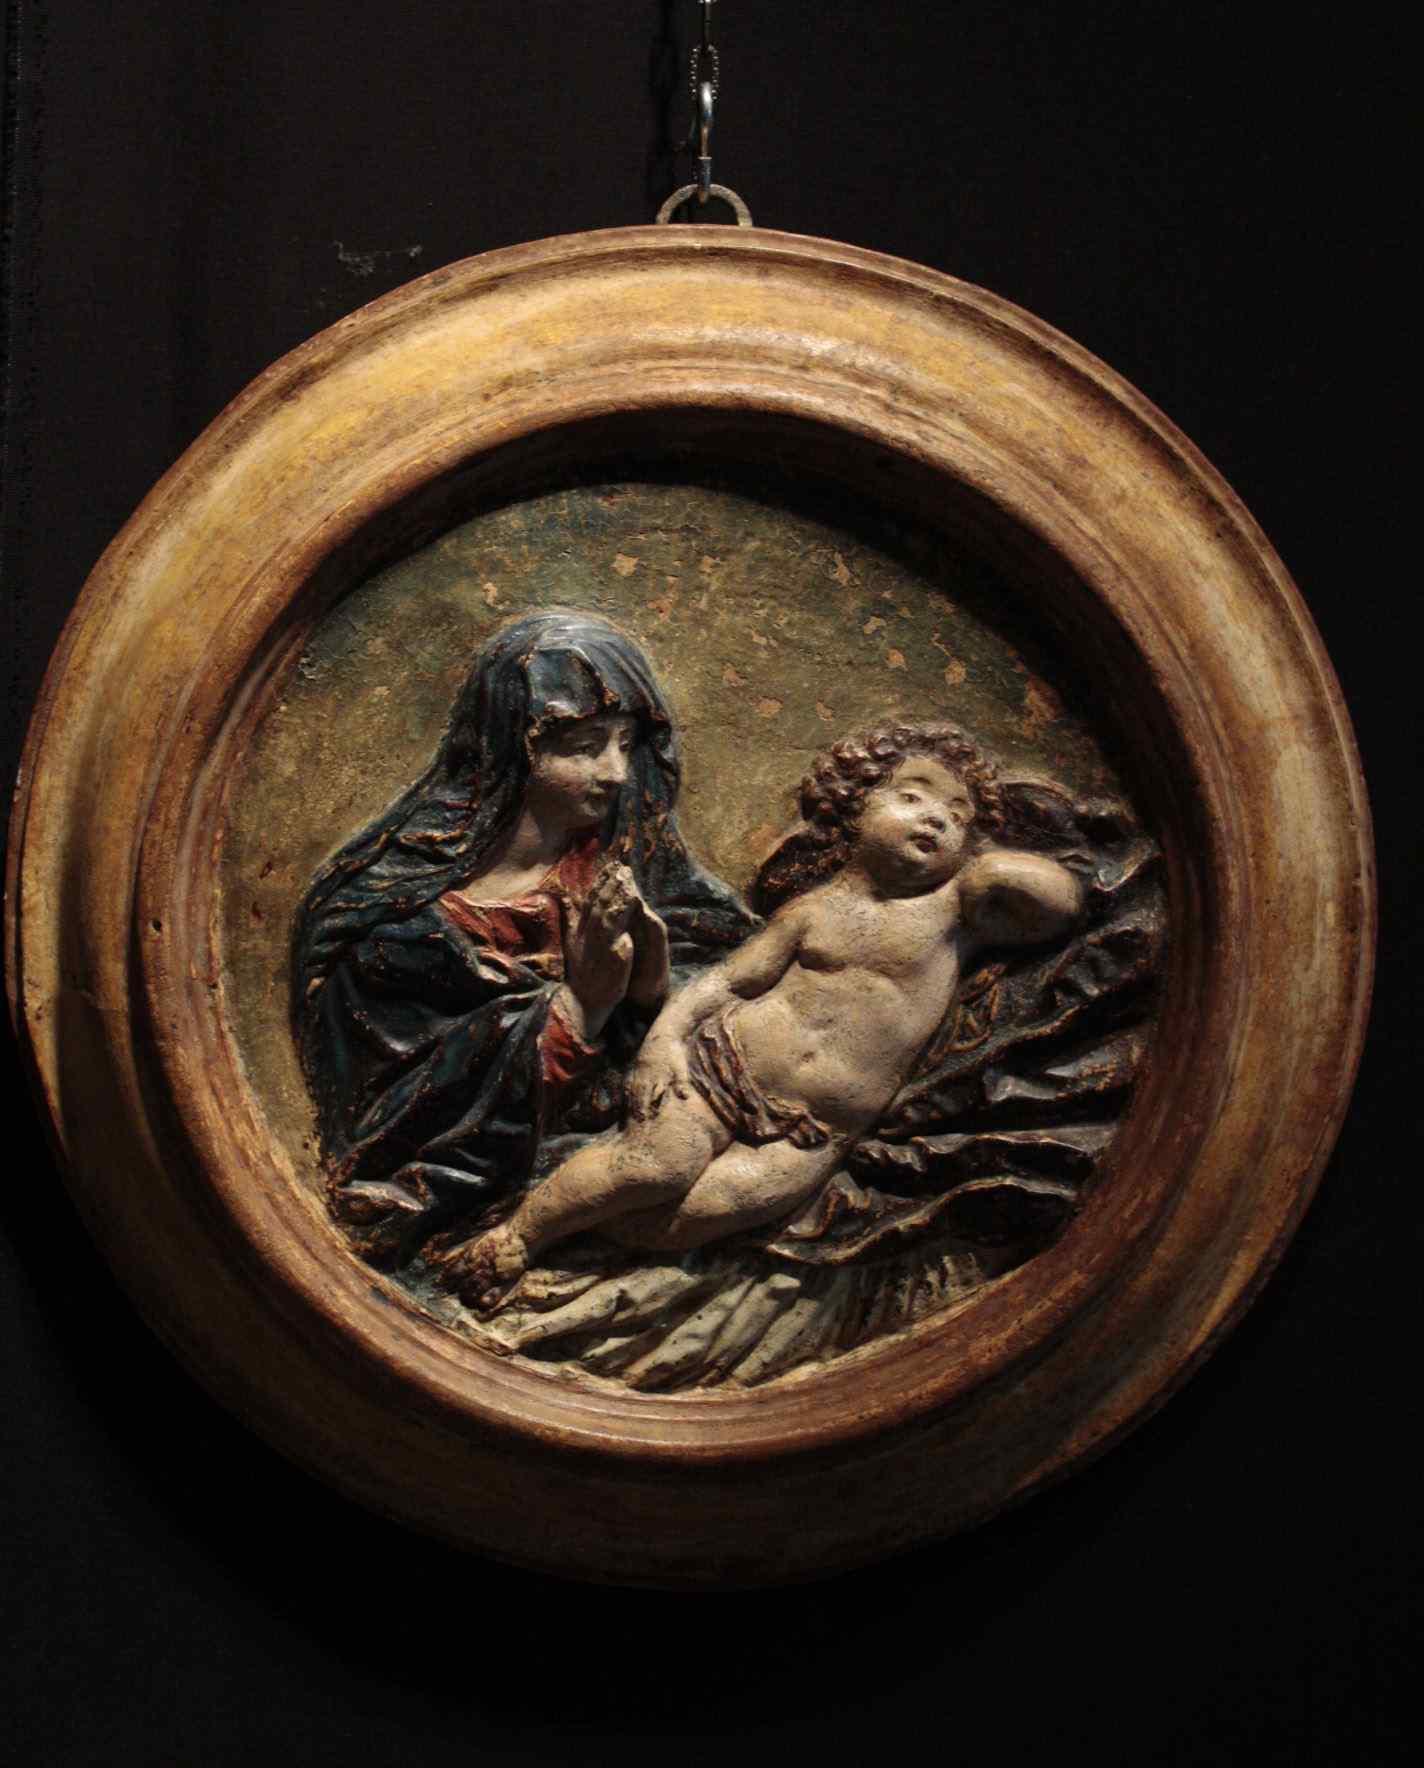 Altorilievo in stucco policromo - Madonna con bambino XVII s